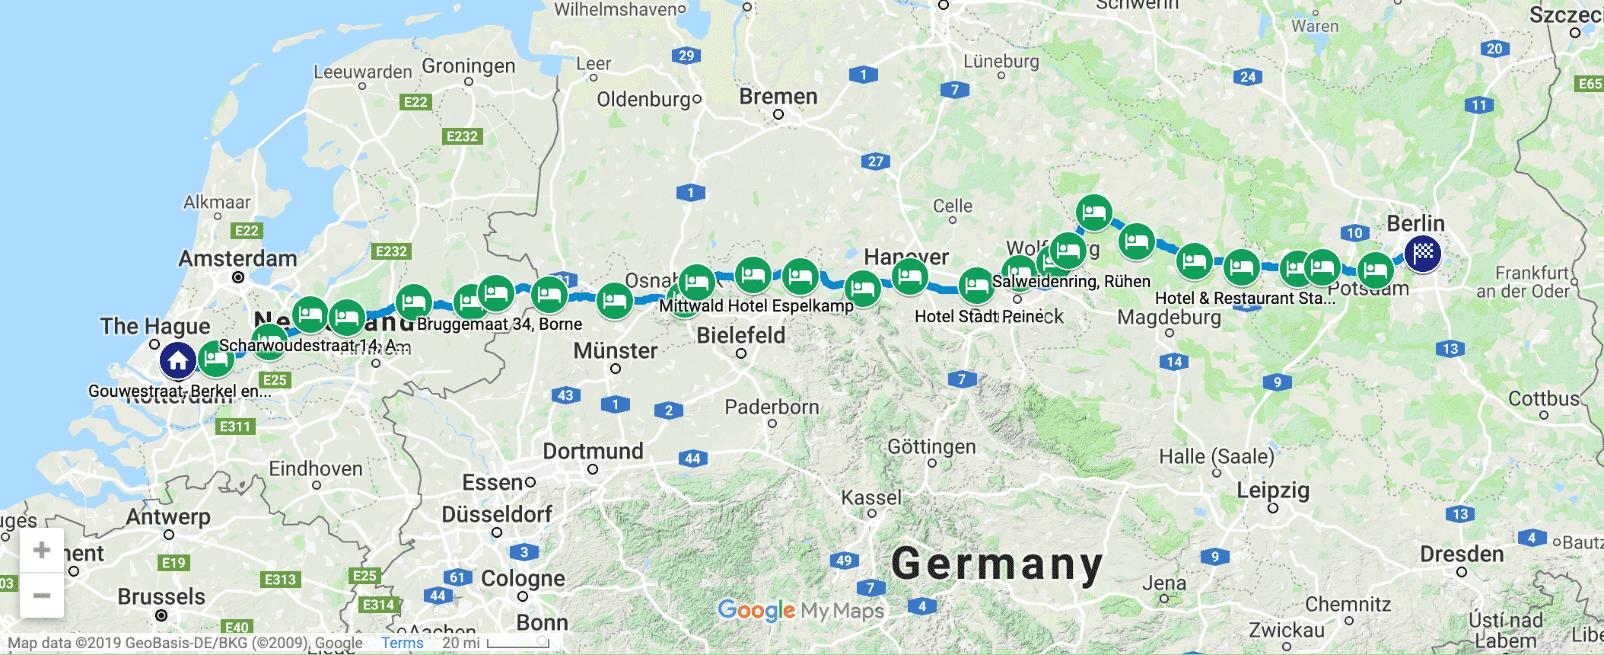 Die Route zum WordCamp Europa